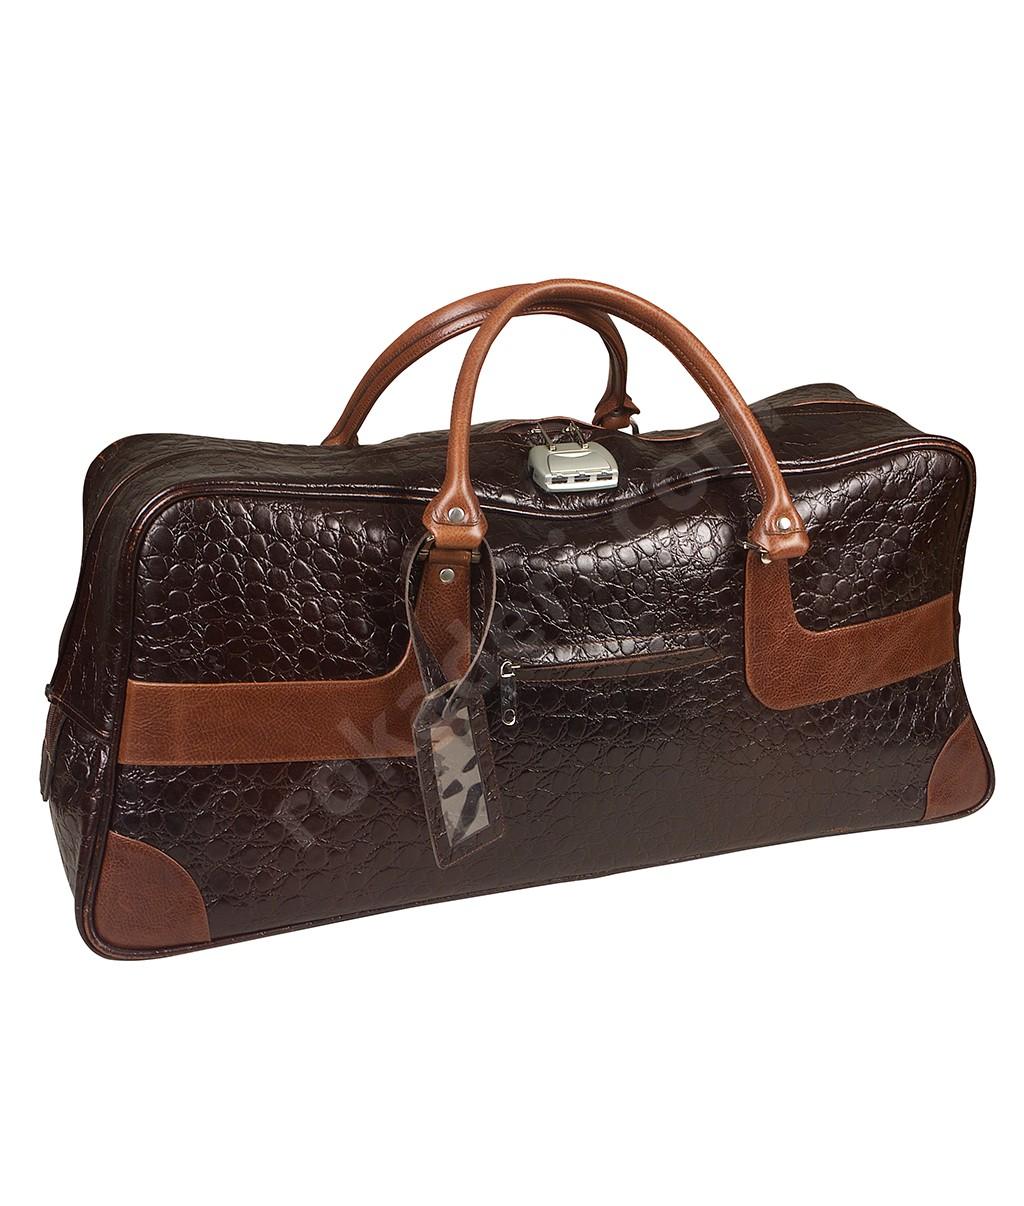 kahverengi seyahat çantası 1532